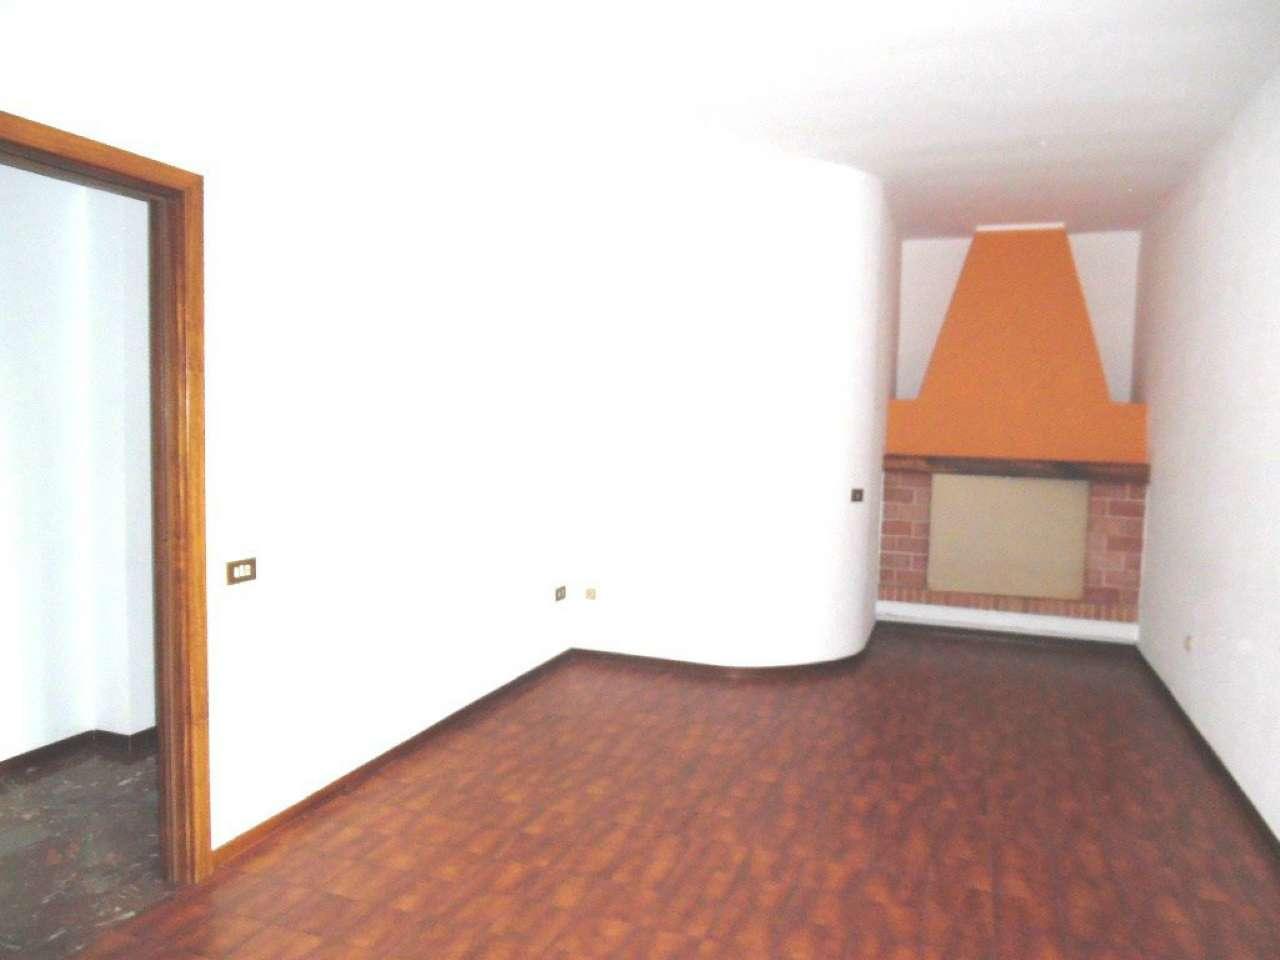 Appartamento in vendita a Calimera, 4 locali, Trattative riservate | Cambio Casa.it